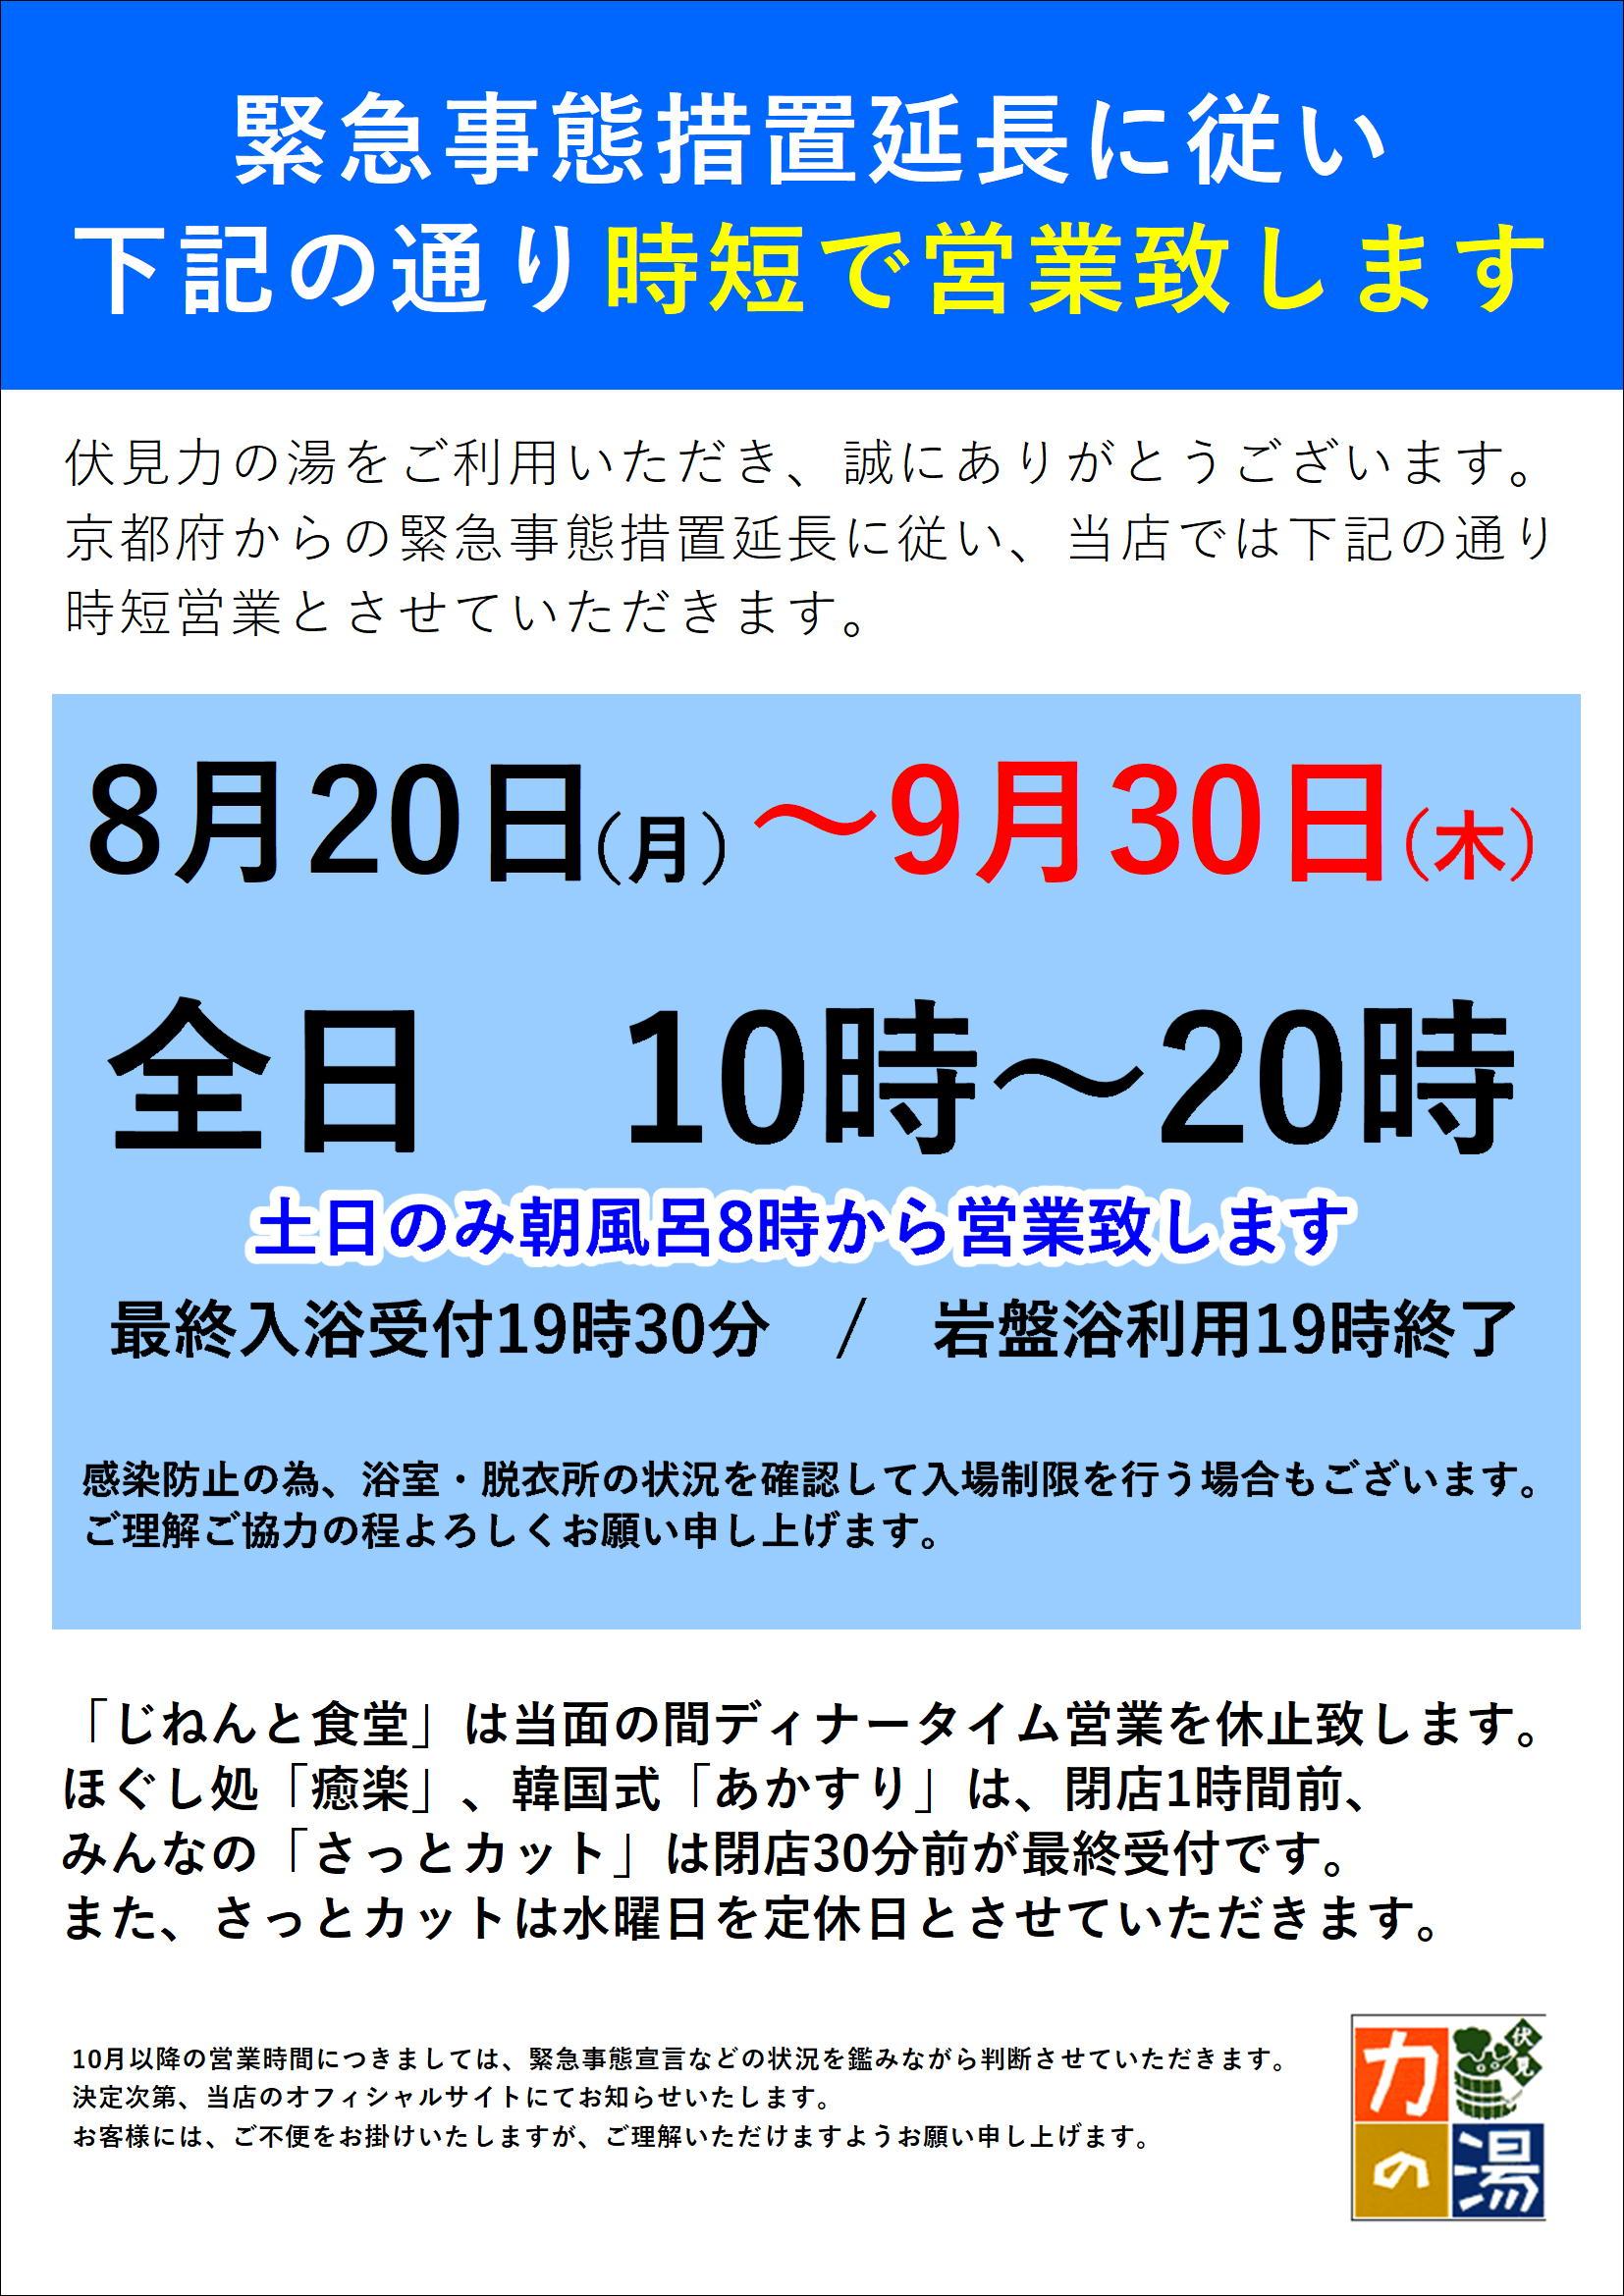 9月30日(木)まで時短営業延長